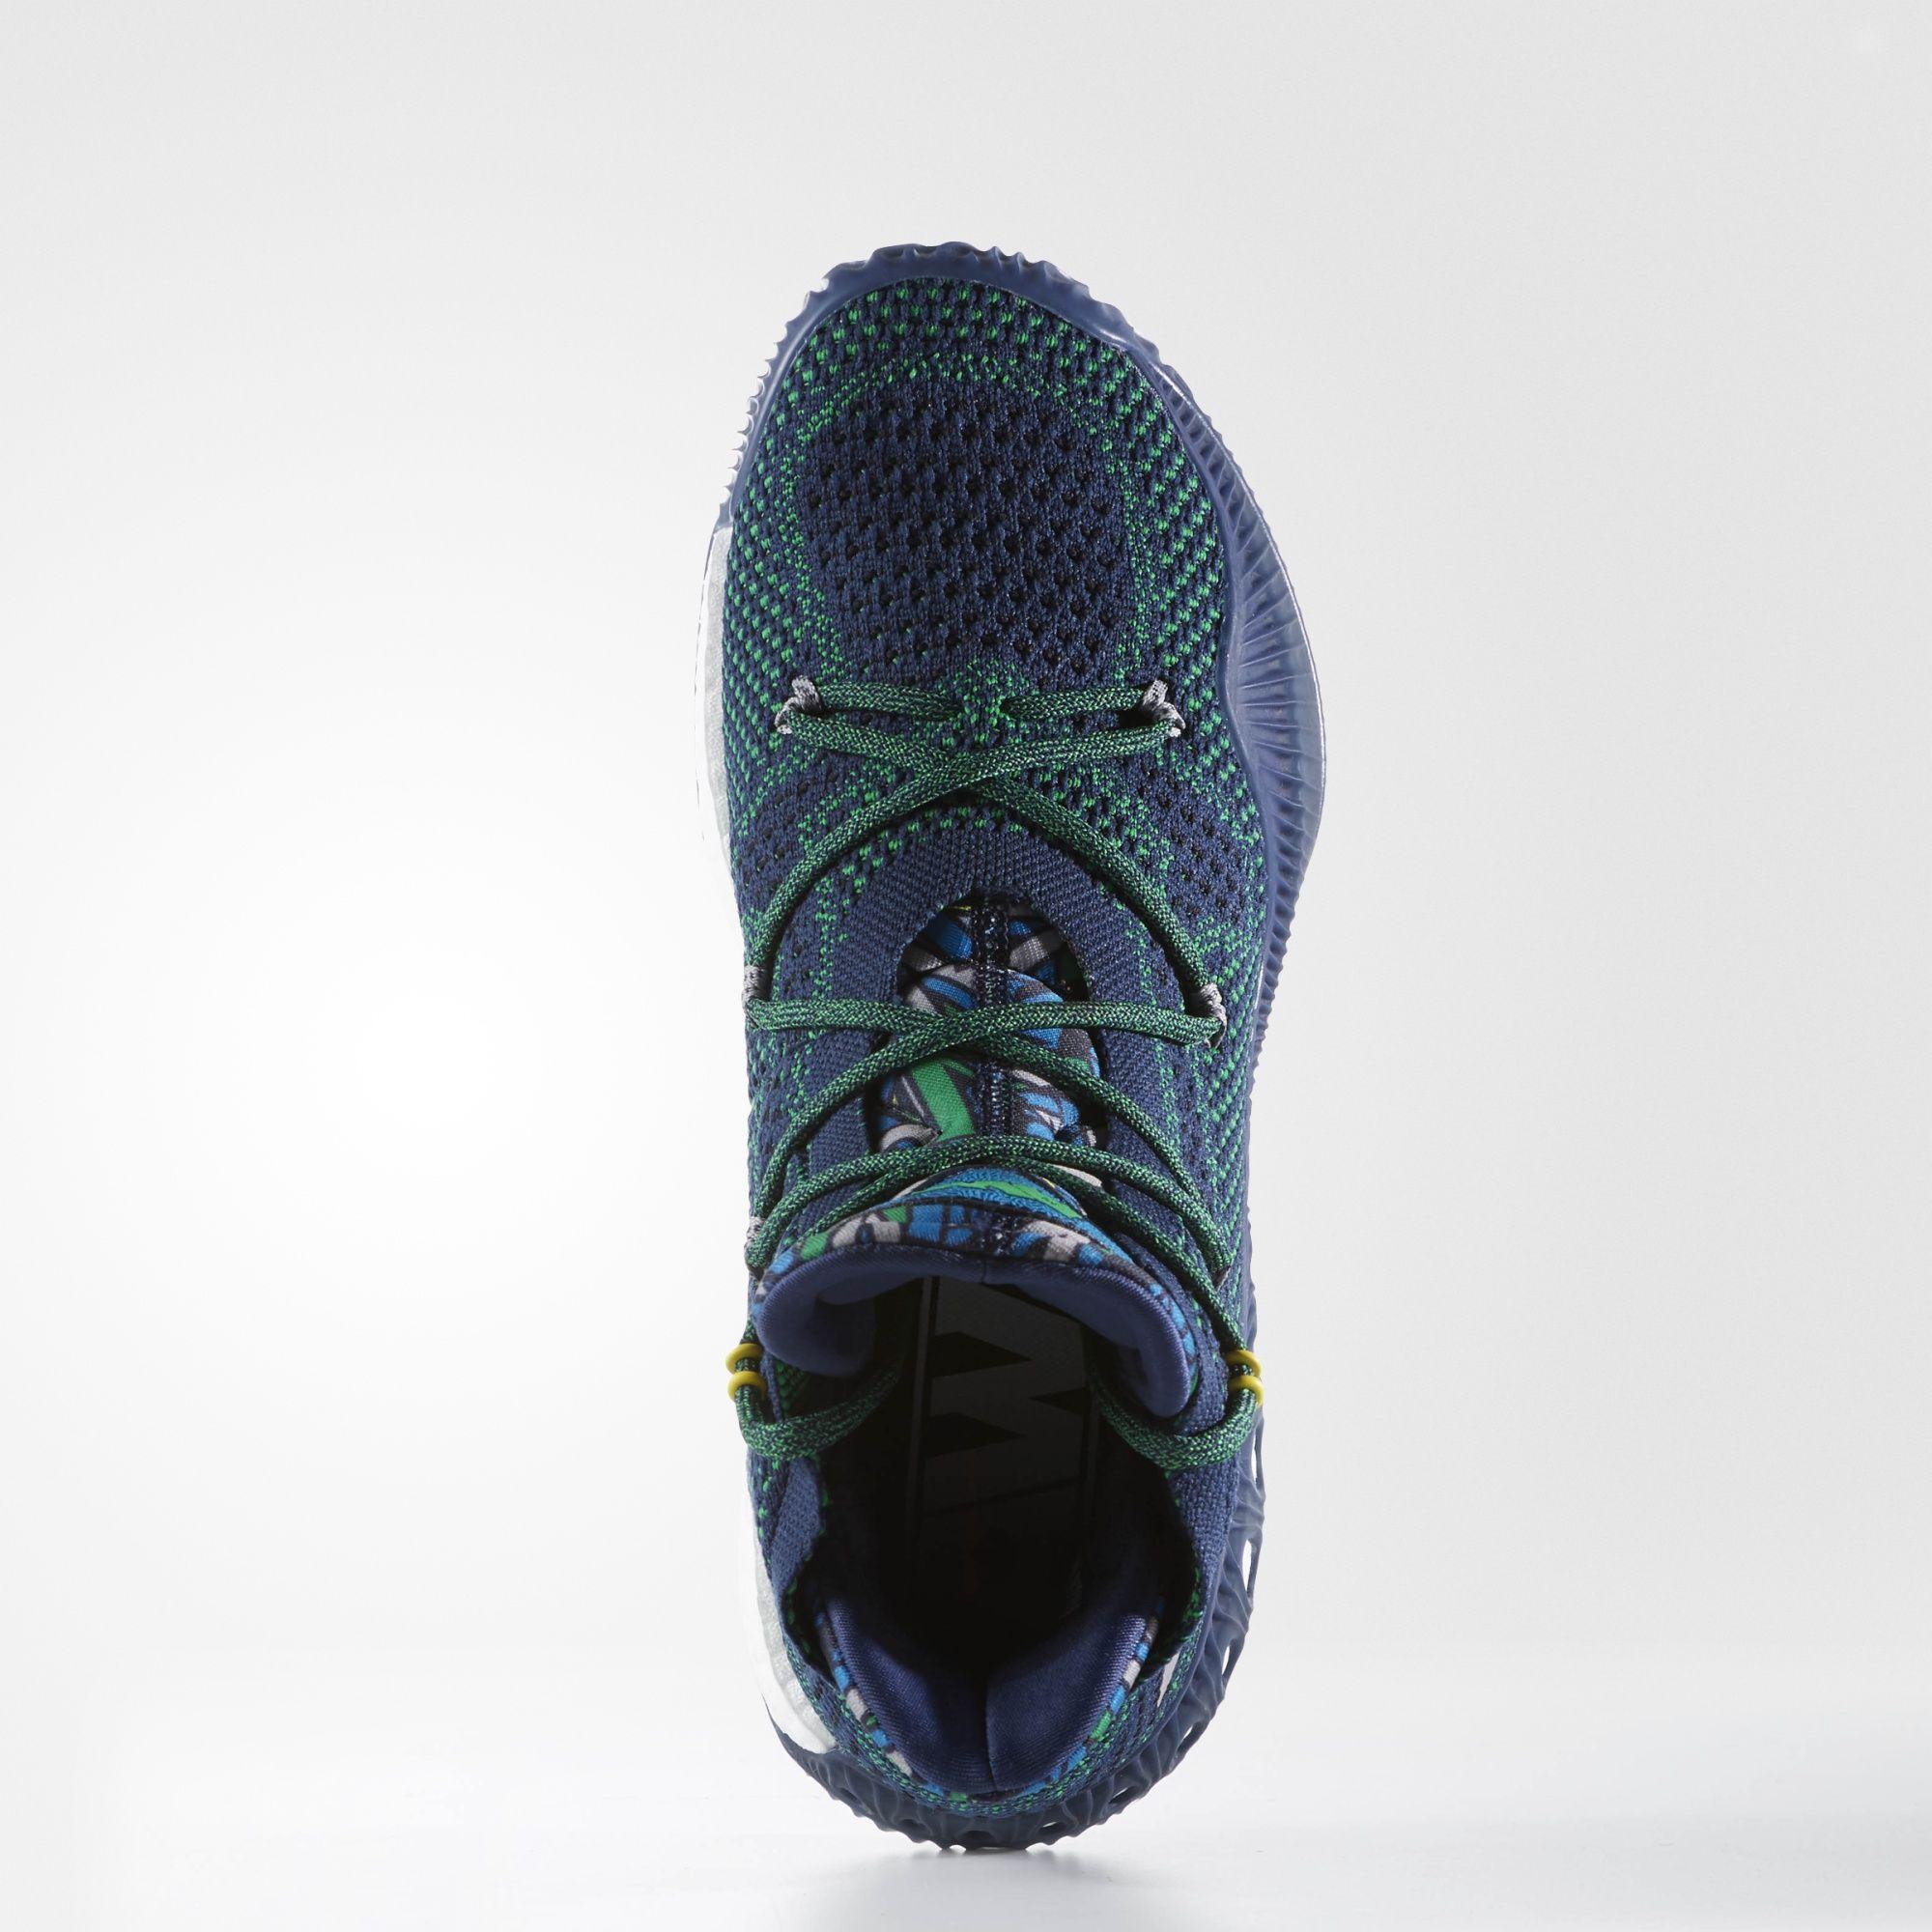 Adidas Explosiva Loca 2018 De Fugas 4oNPCxZK0